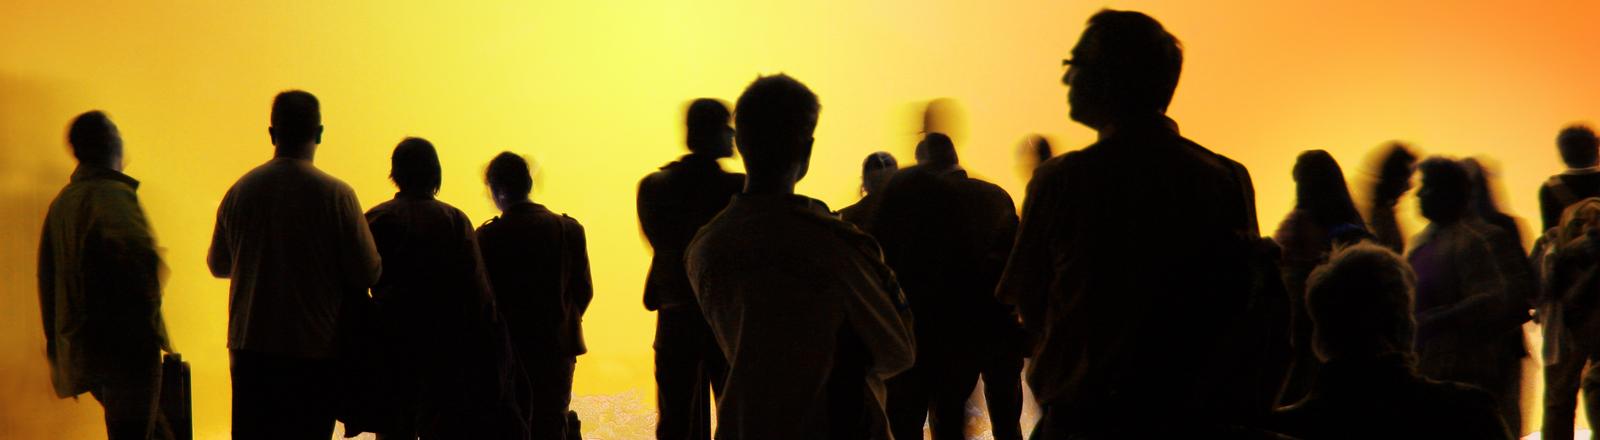 Viele Menschen stehen vor einer gelben Wand und unterhalten sich.